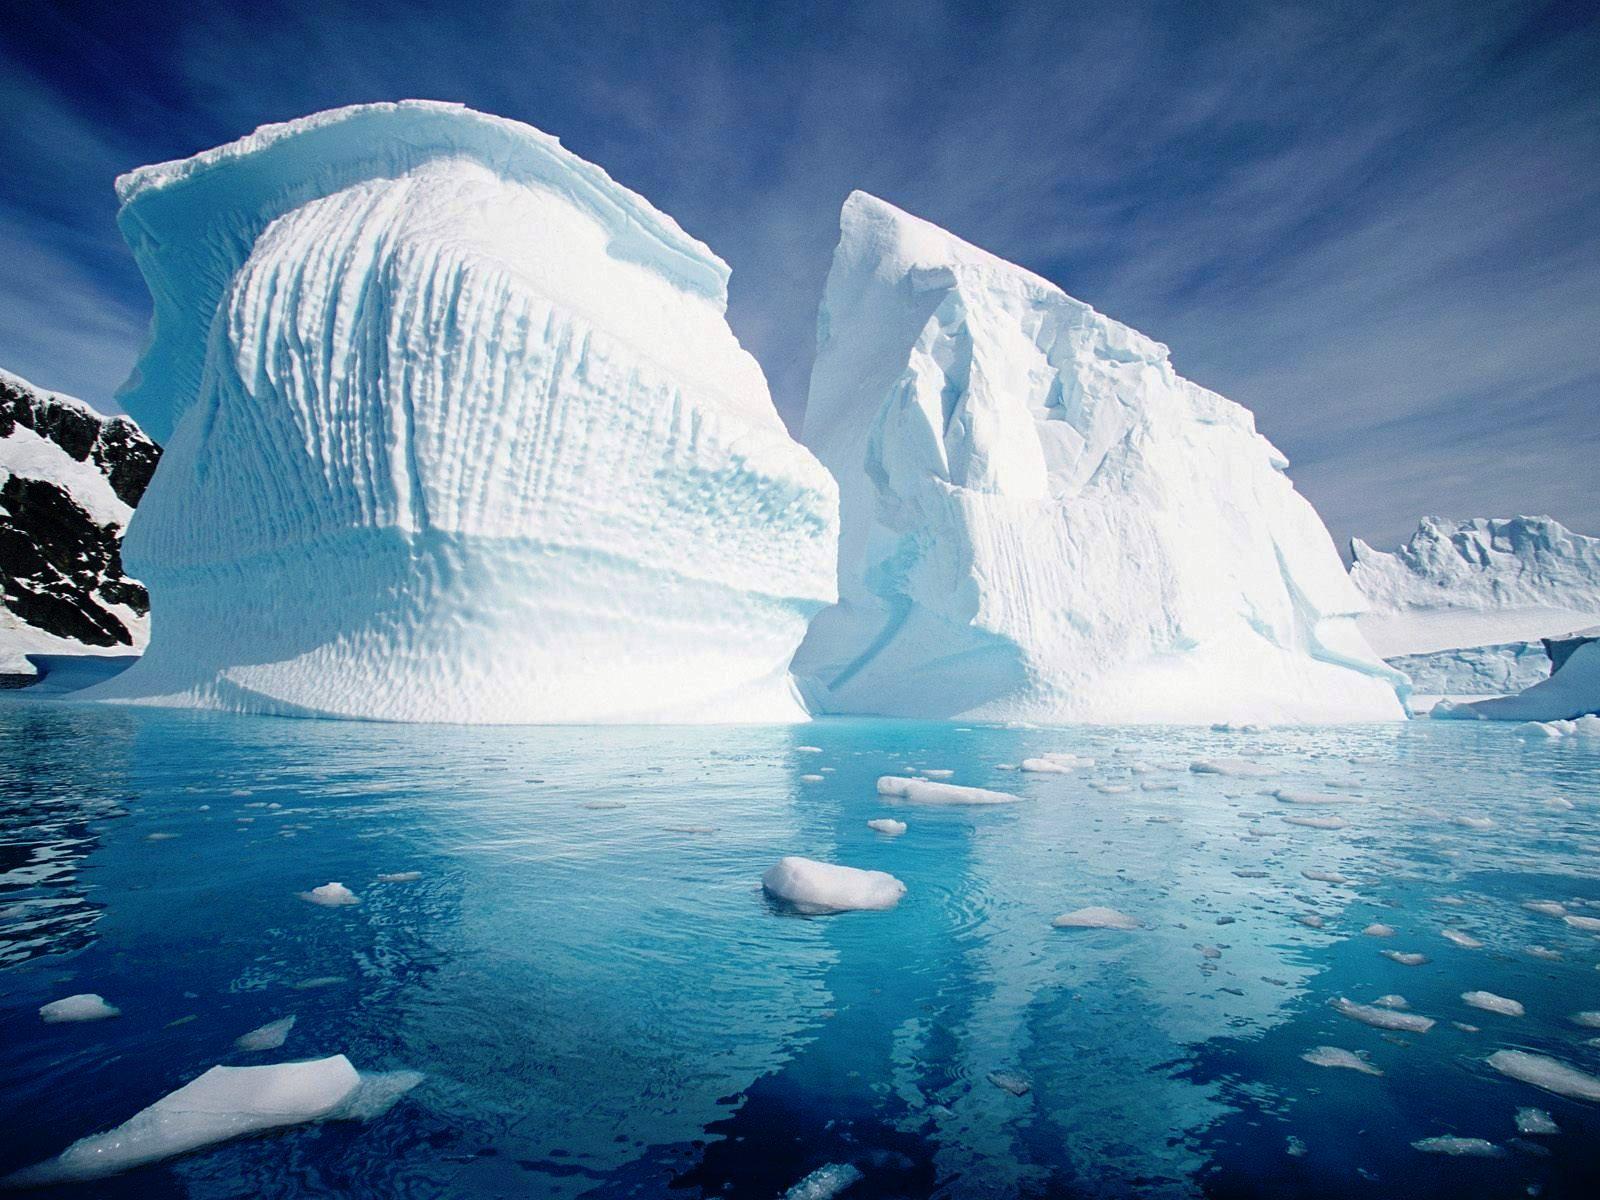 hieloantartida.jpg (1600×1200)